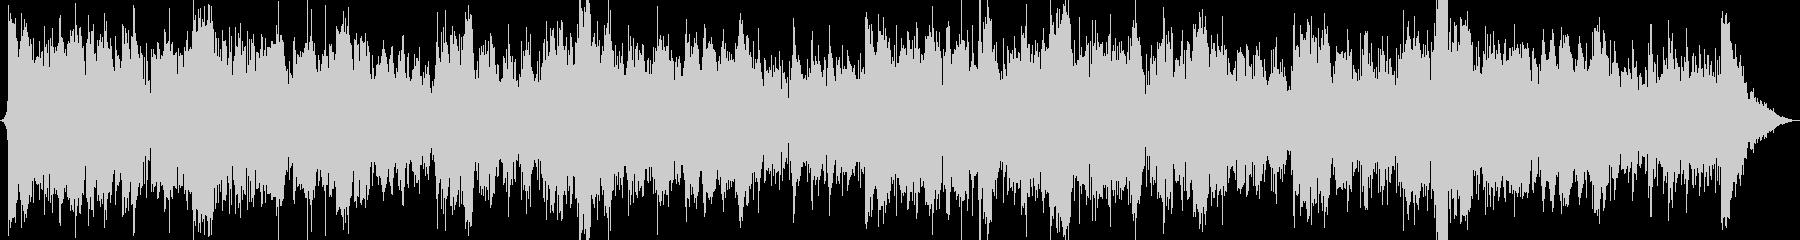 RPG_切ない旋律の管弦曲の未再生の波形